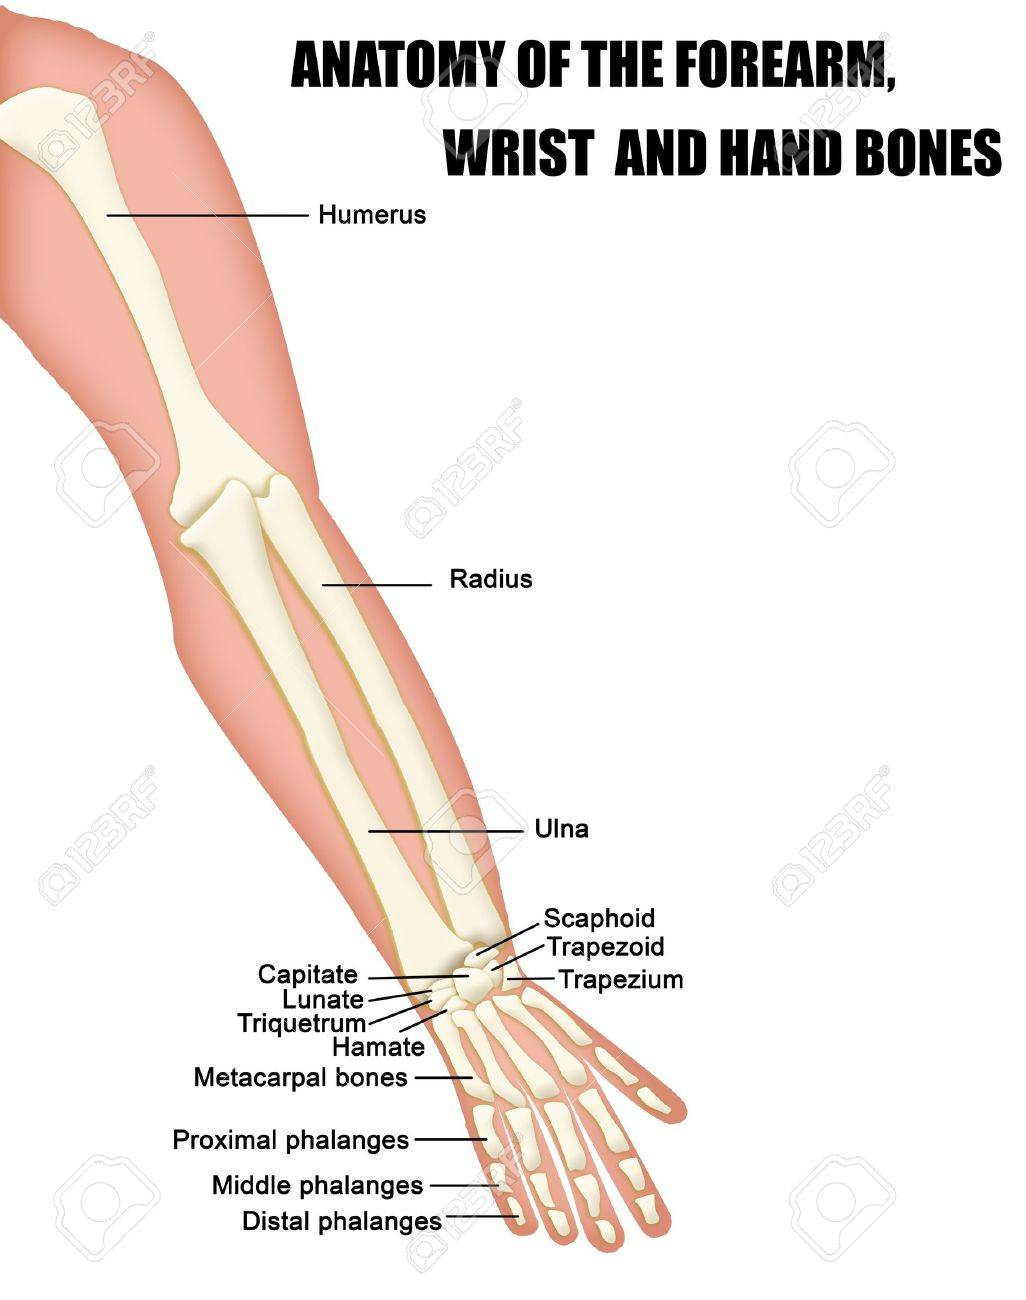 Anatomie Der Unterarm, Handgelenk Und Hand Bones (nützlich Für Die ...